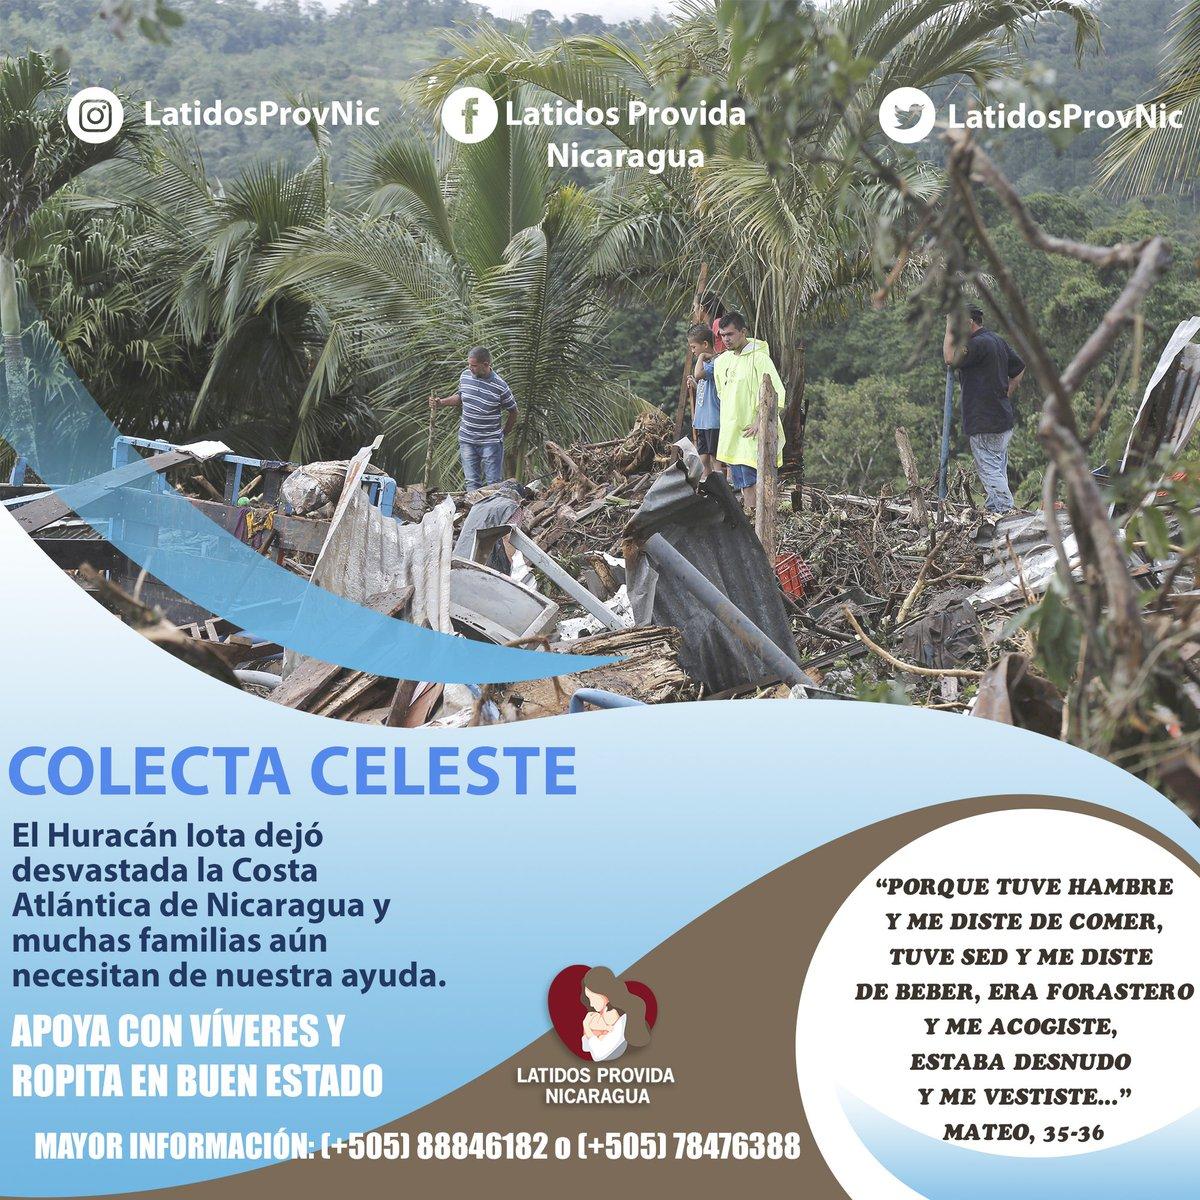 El #HuracanIota en Nicaragua hizo muchos estragos, es por eso que Latidos Provida Nicaragua apela a tu noble corazón para poder ayudar a las comunidades más afectadas. Ayudanos a difundir este mensaje. ¡Dios te bendiga!